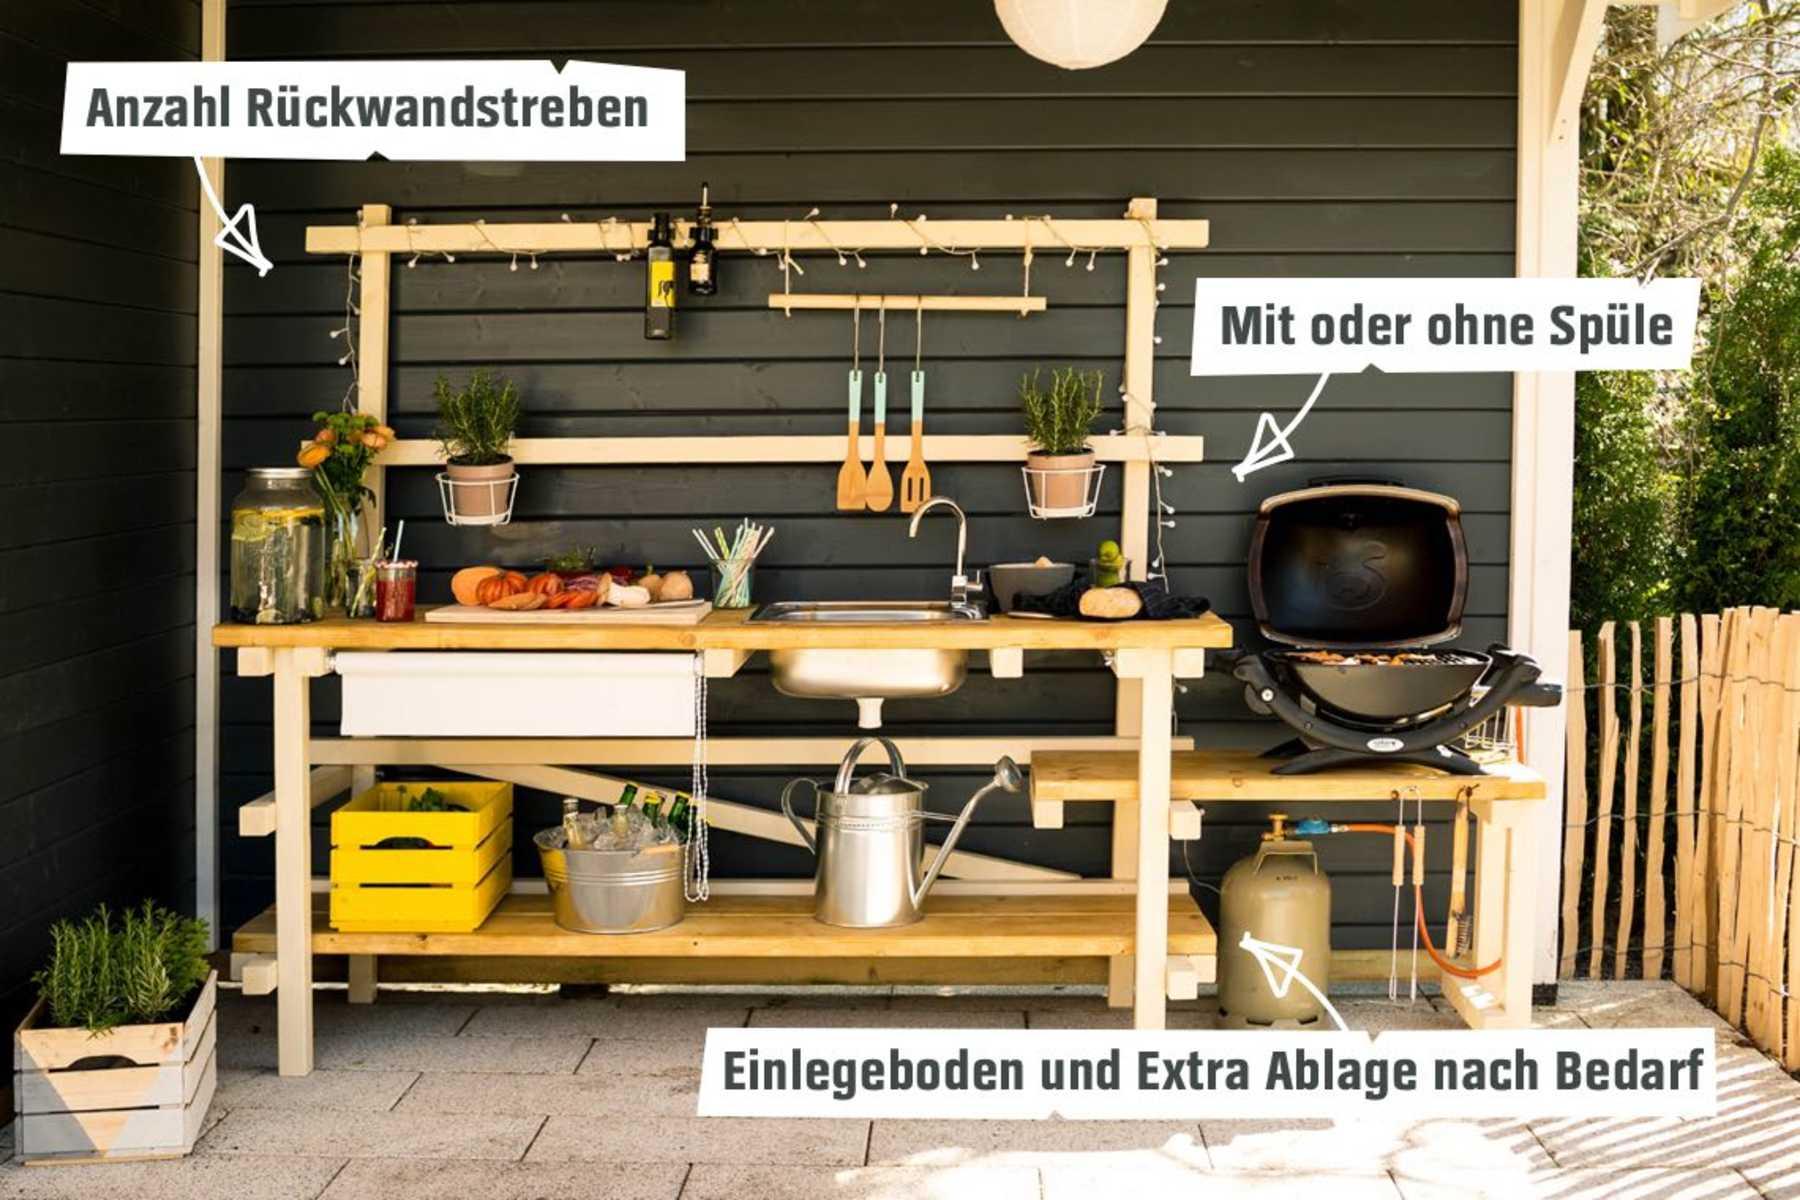 Outdoorküche Bausatz Holz : Outdoorküche alfons selber bauen gartenmöbel obi selbstbaumöbel